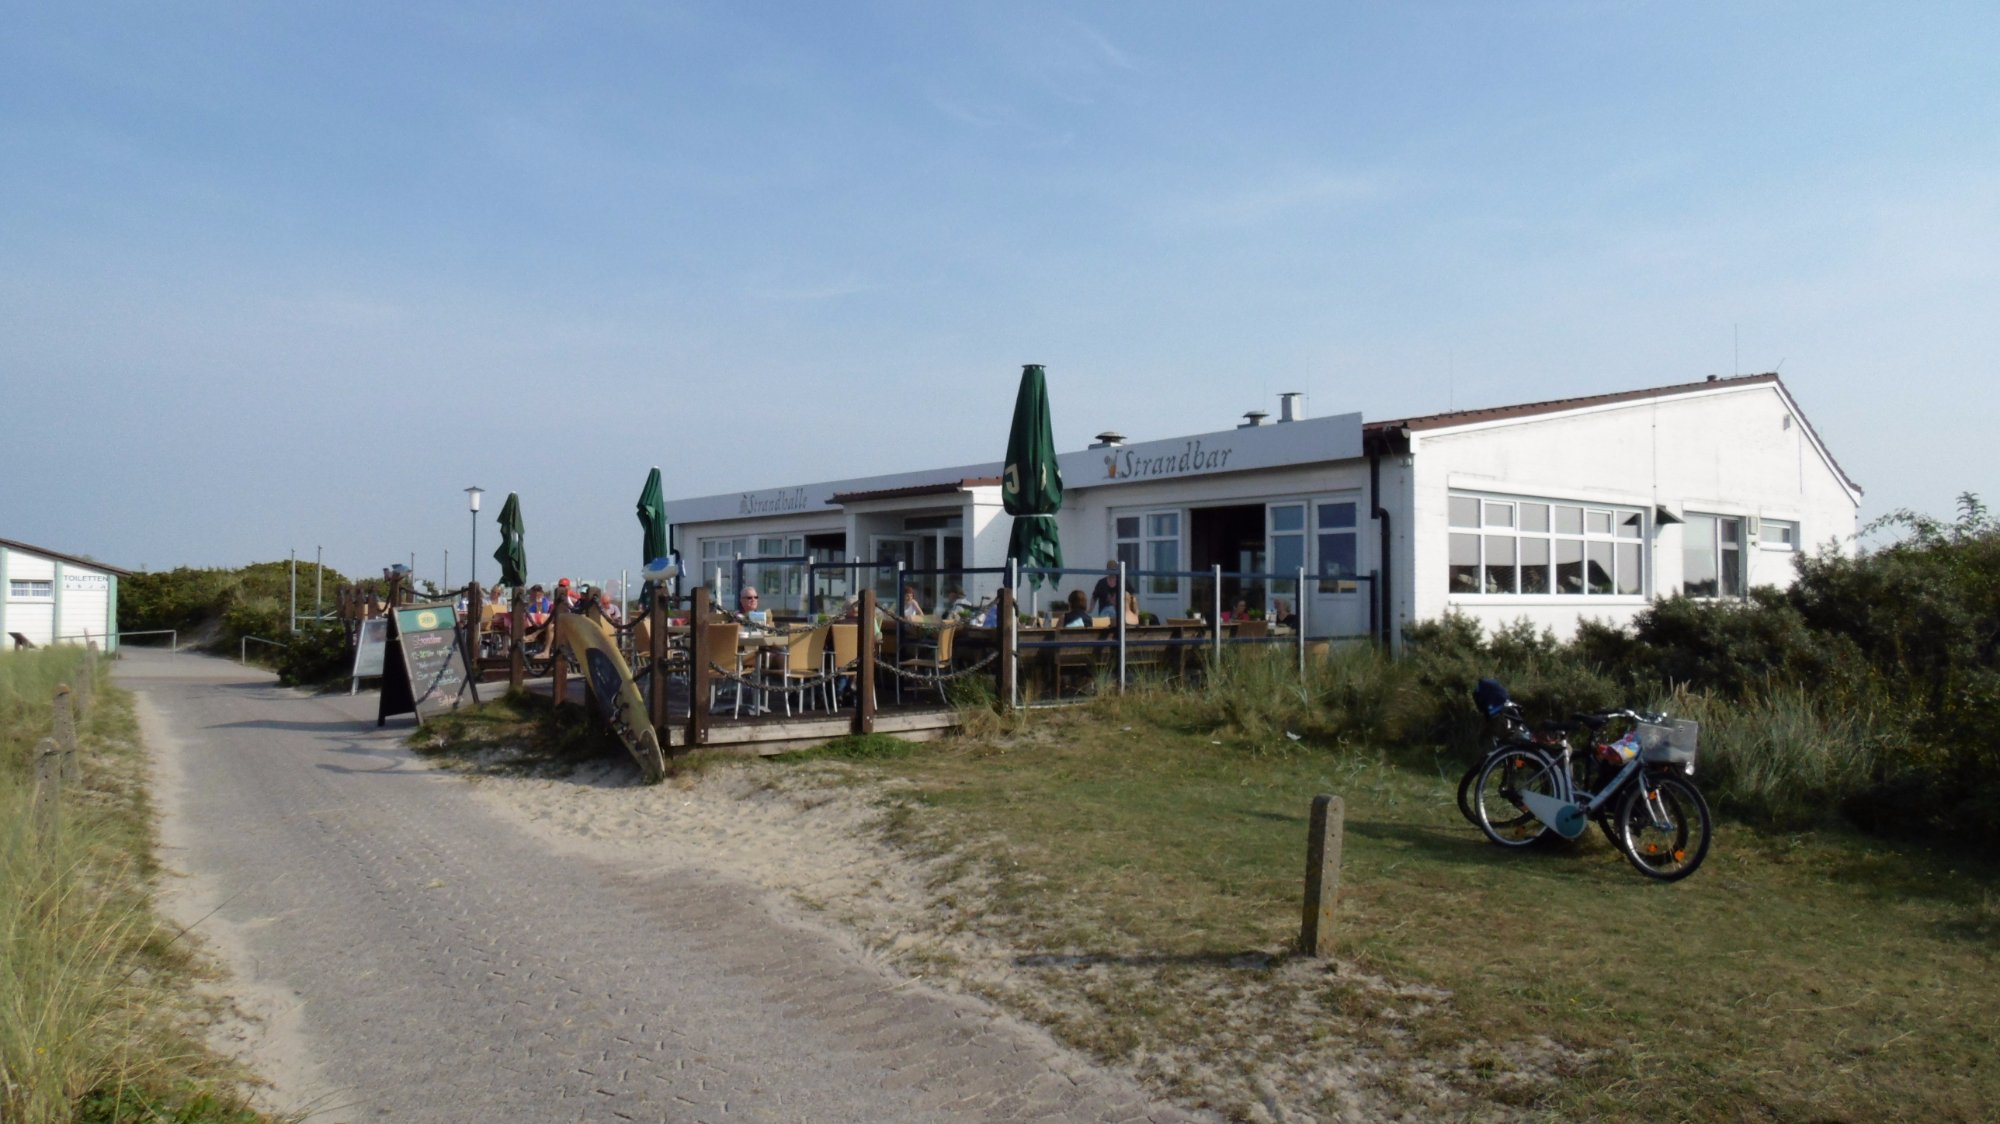 Strandhalle Spiekeroog